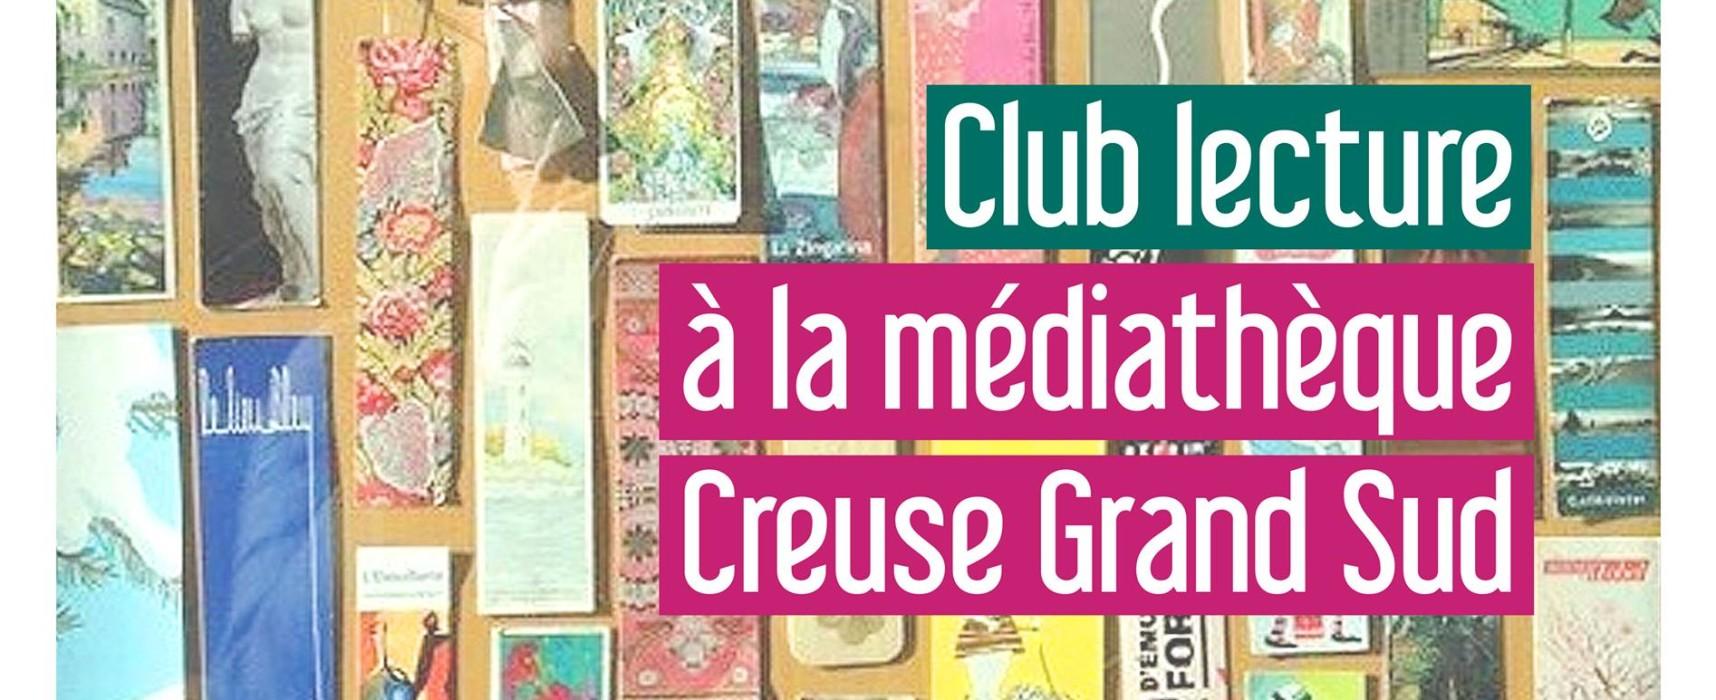 «Marque-pages» – Club lecture, mercredi 20 octobre 2021 à 18h